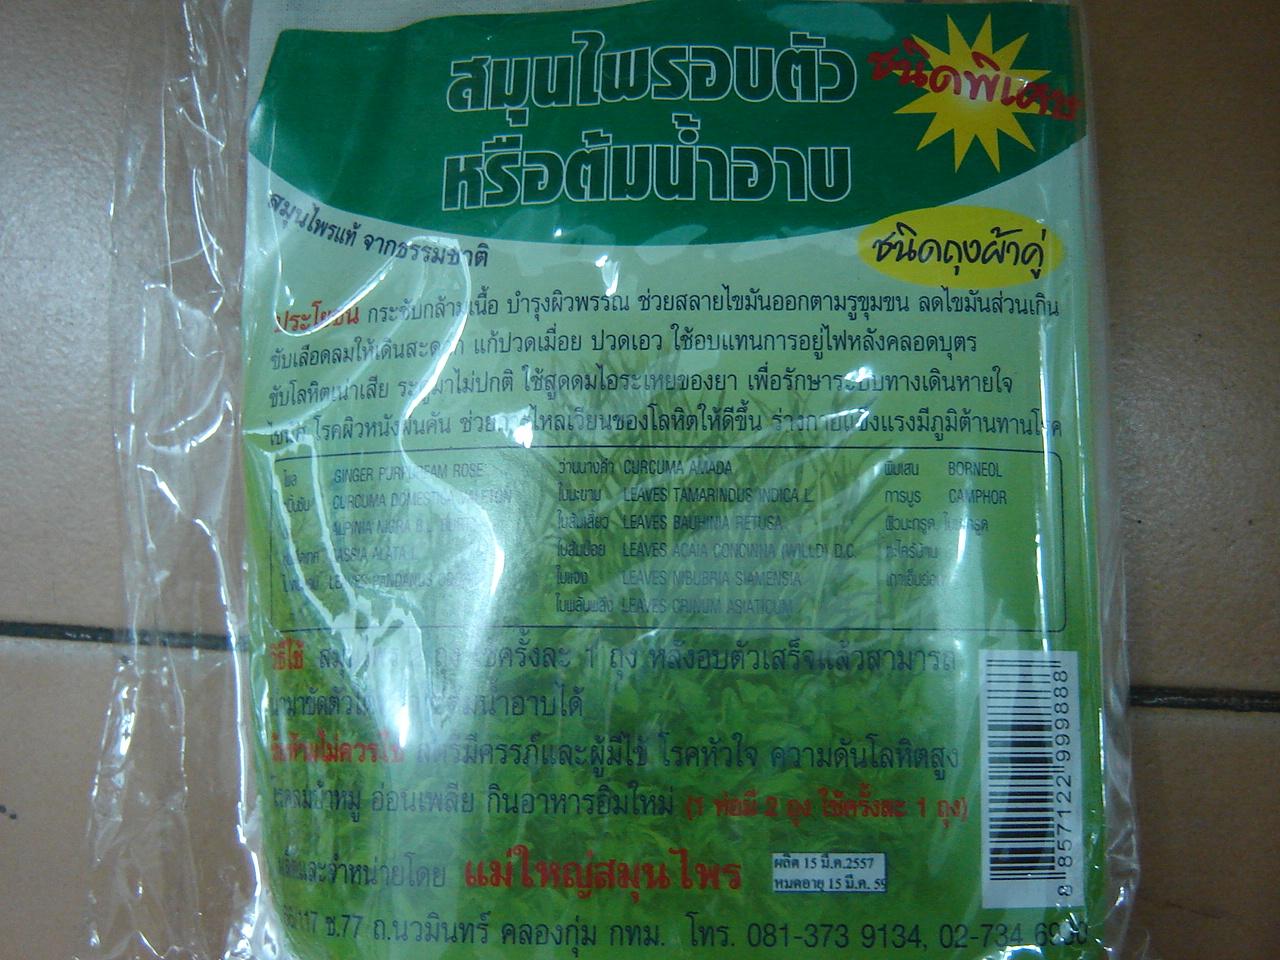 55-507-2200-0 สมุนไพรอบตัว ถุงผ้าคู่ รำมะสัก (สงัด) แพ็ค*20